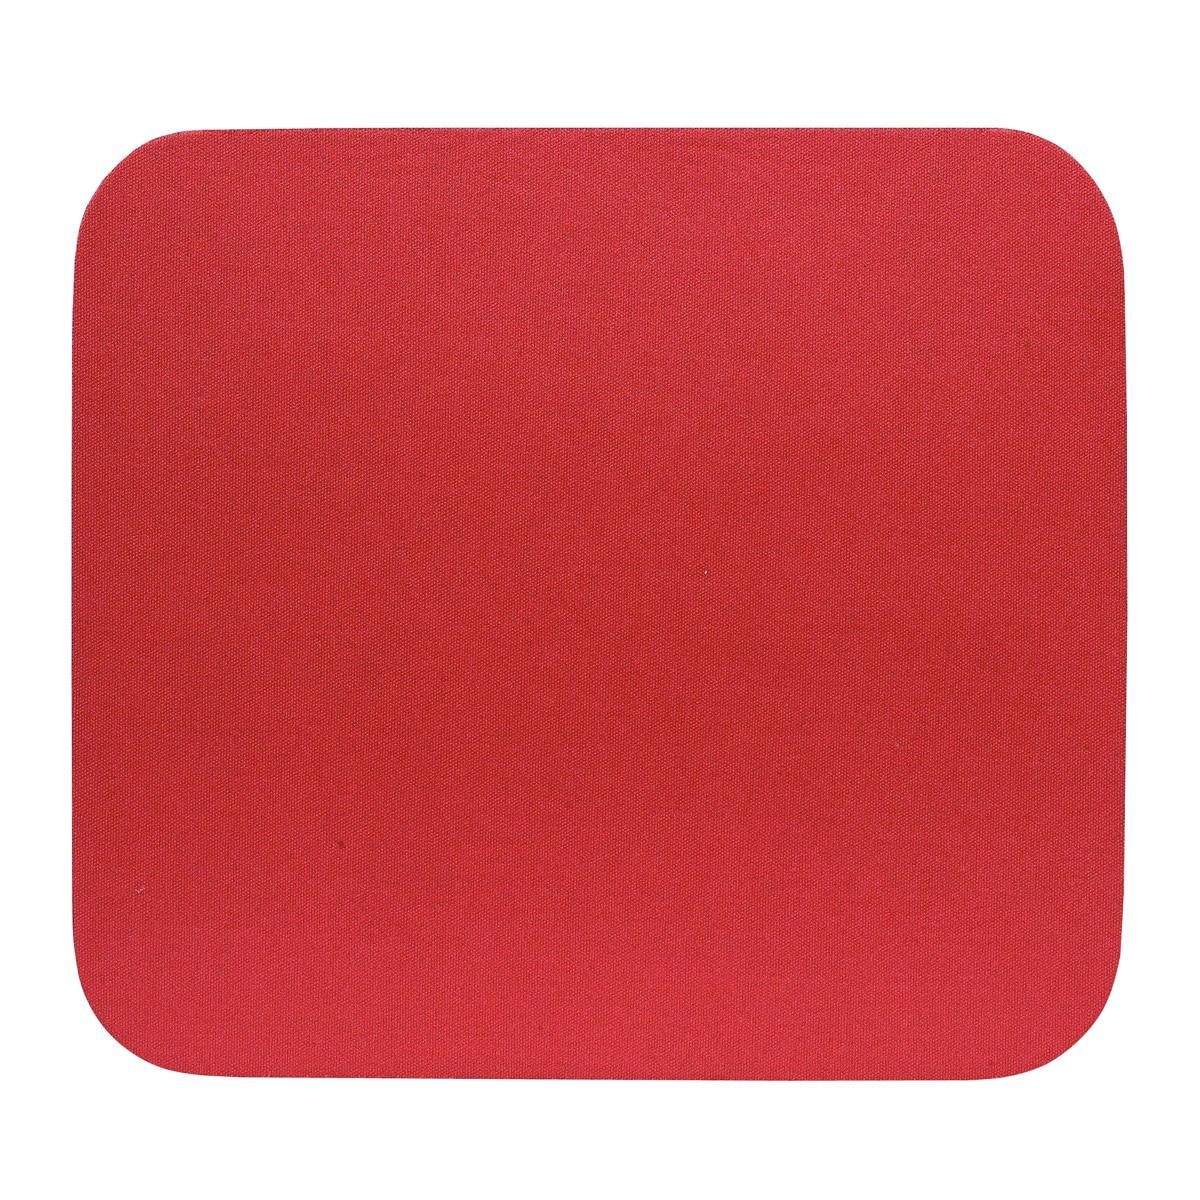 Alfombrilla para ratón estándar Fellowes roja